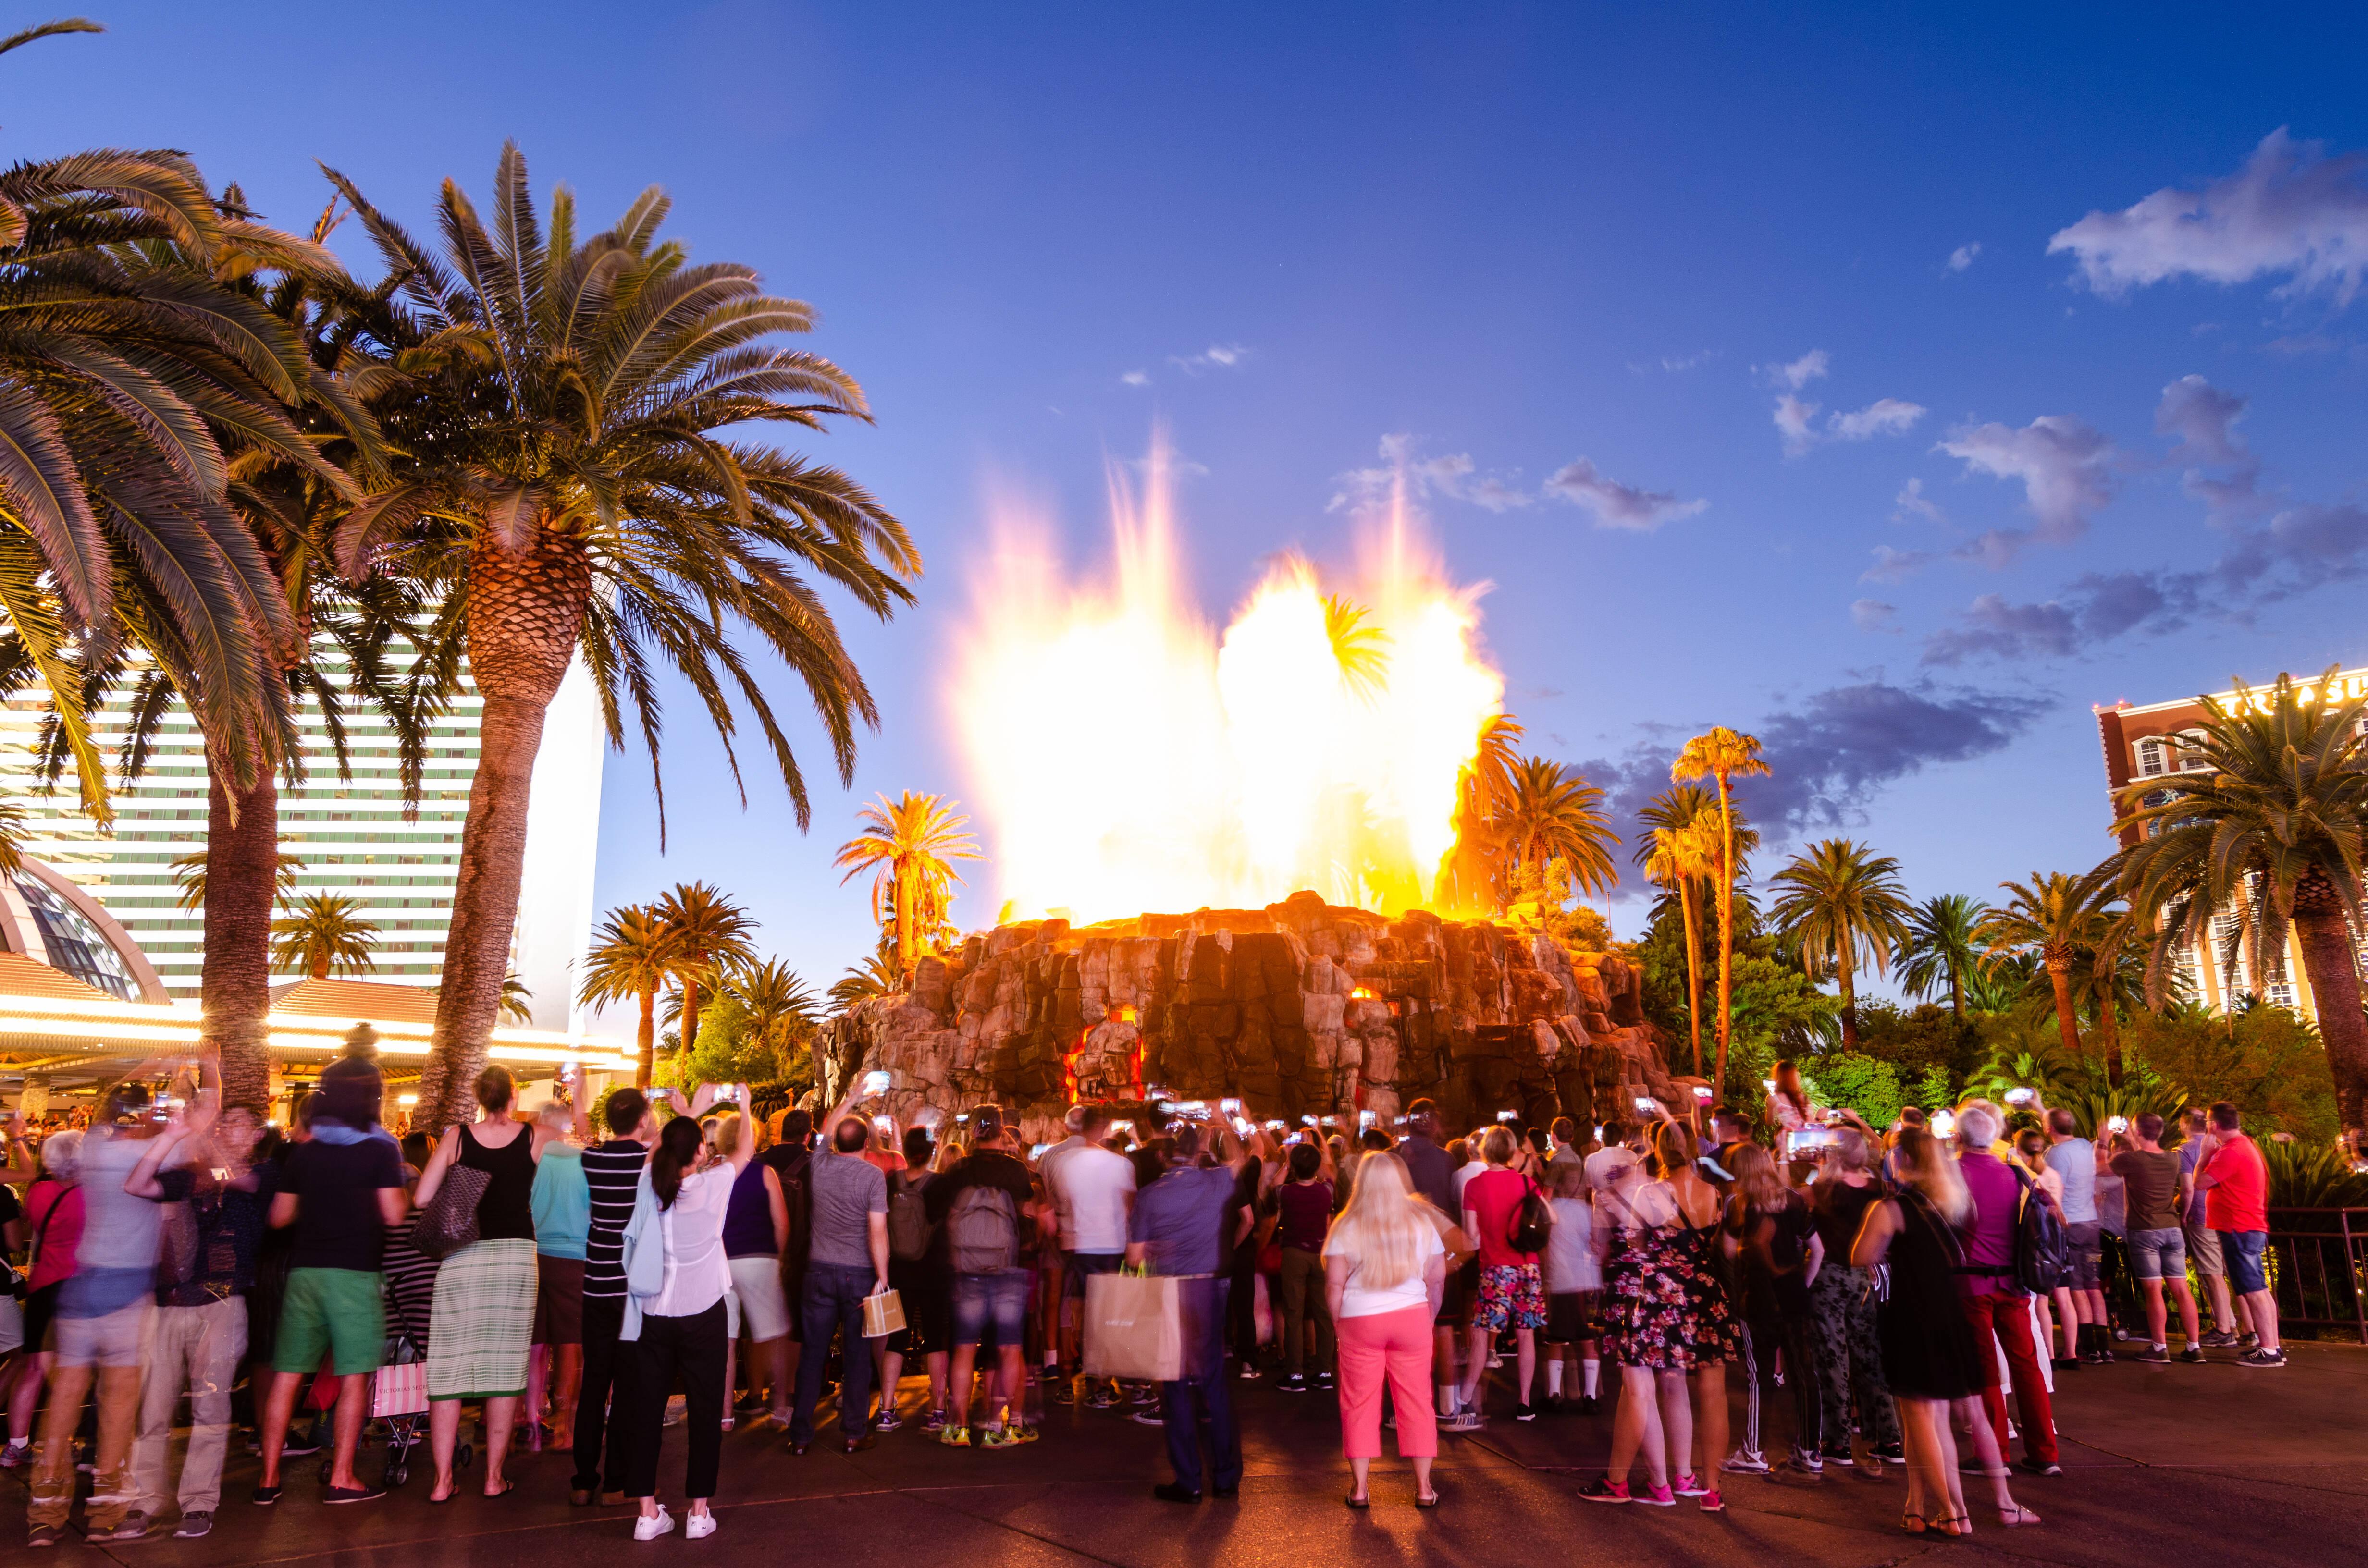 Coisas para fazer em Las Vegas de graça: o Volcano at The Mirage é uma ótima forma de encerrar seus dias em Sin City. Foto: shutterstock